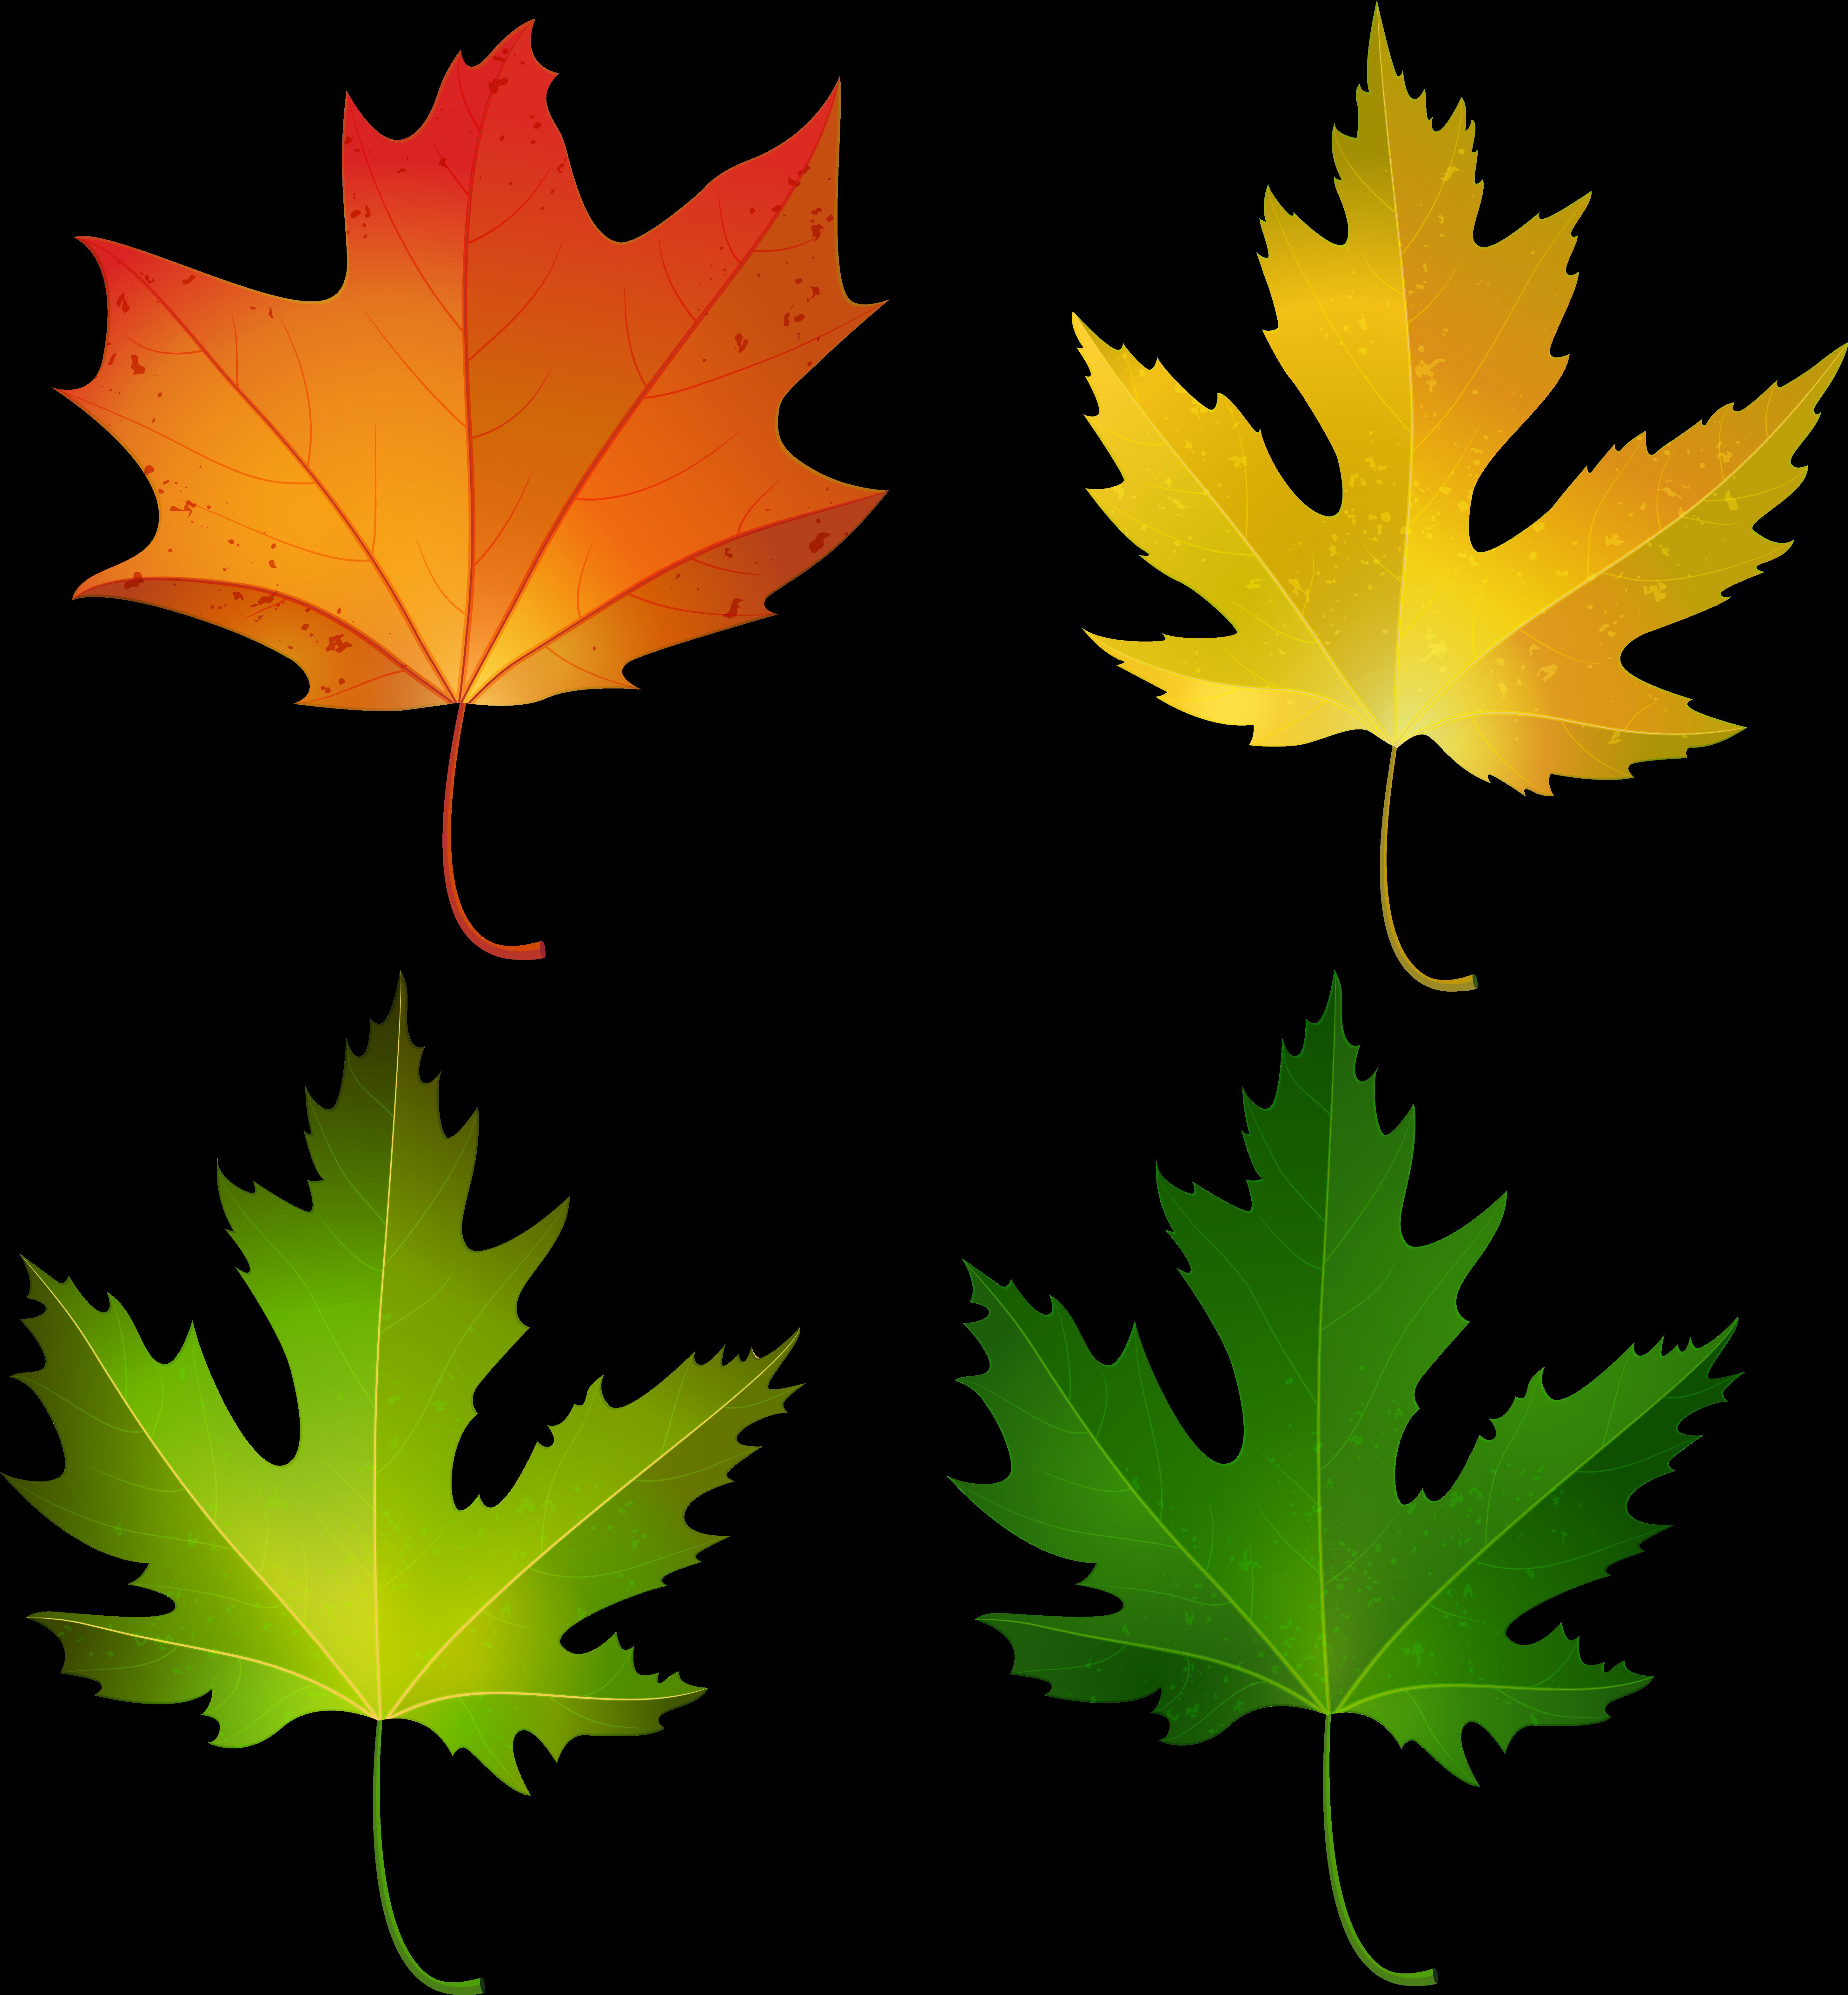 кленовые листья цветные картинки для вырезания больших размеров сразу оленеводами-то сравнивать